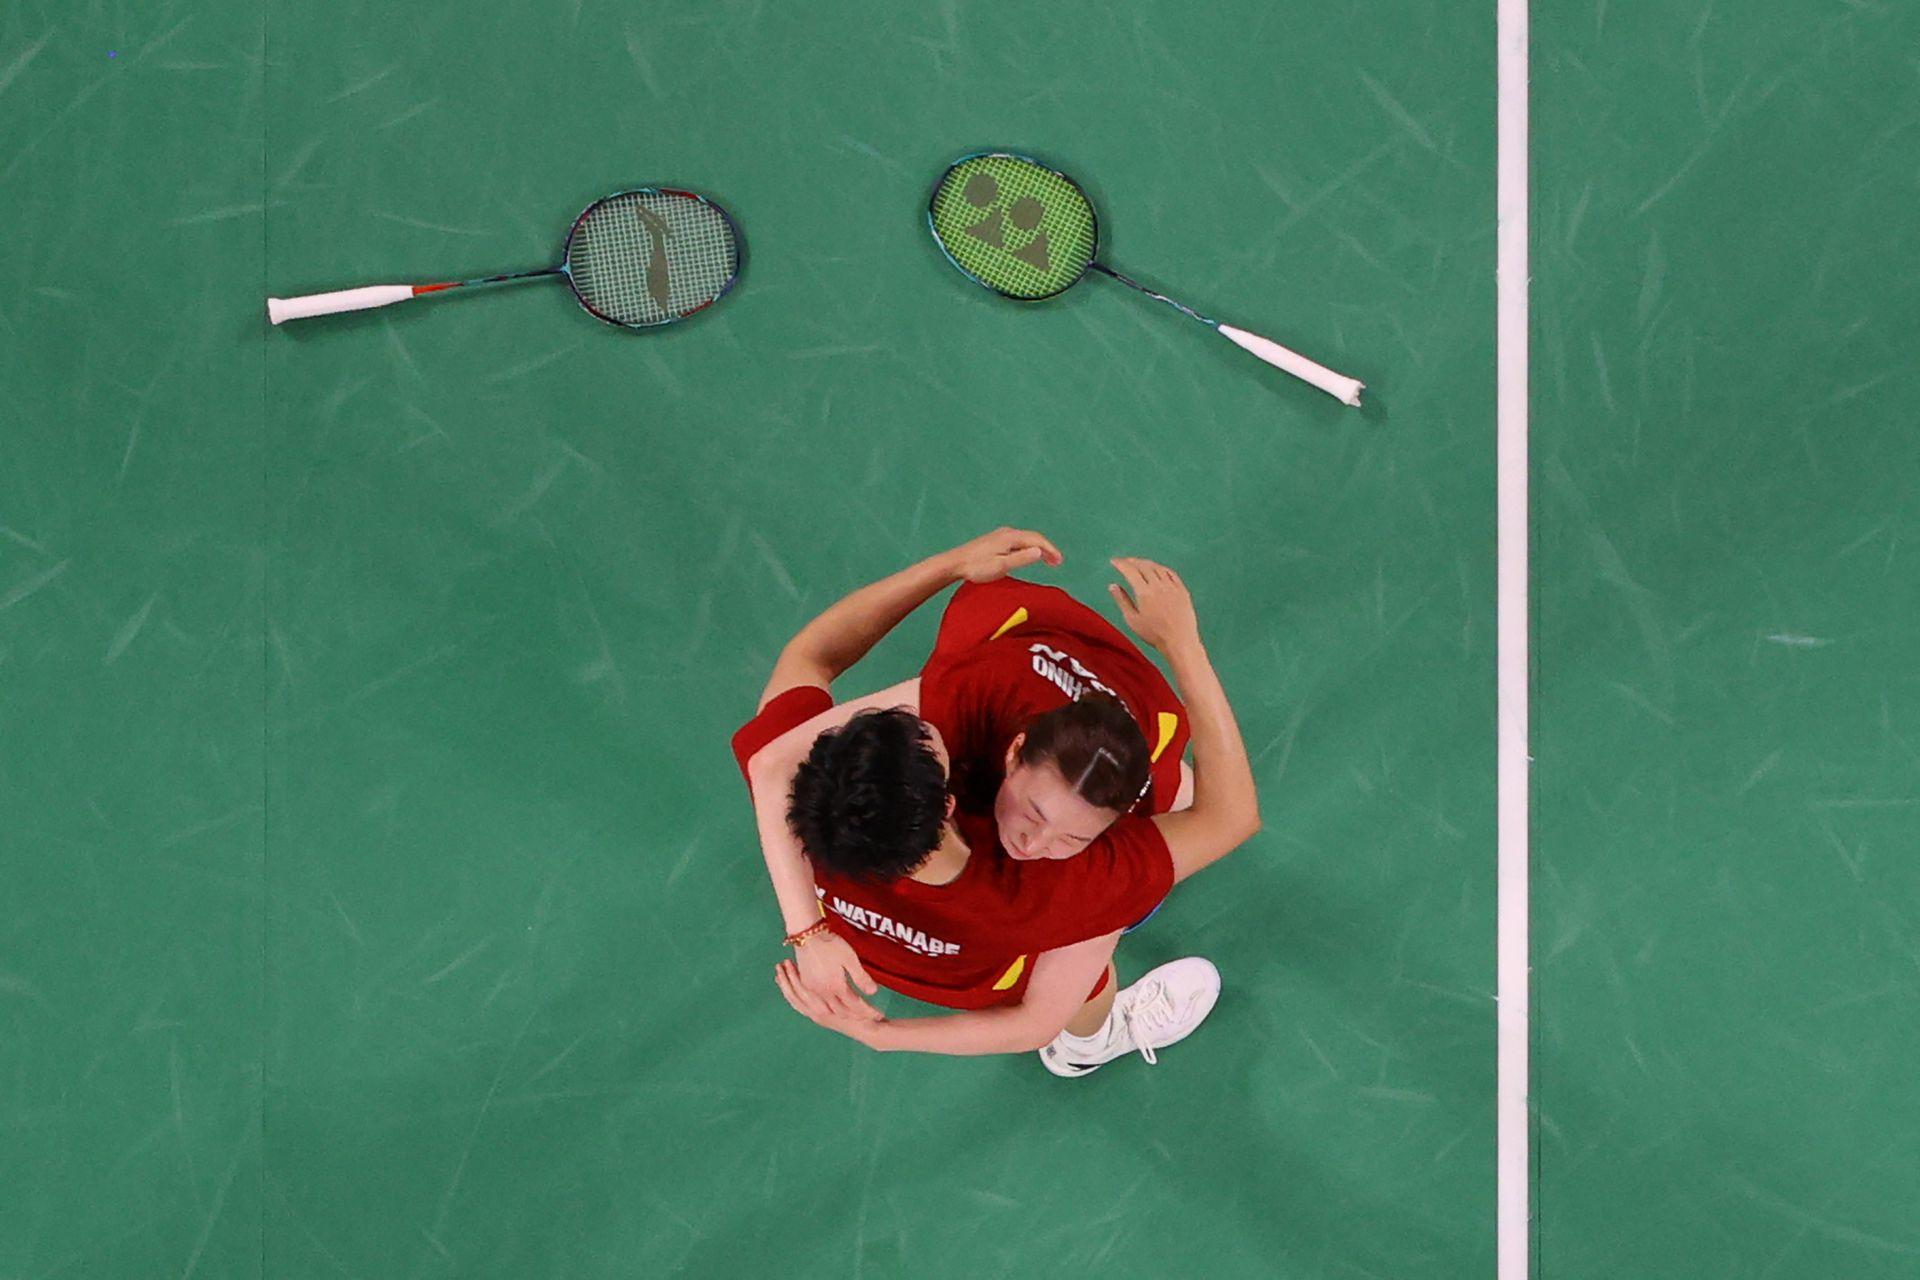 Yuta Watanabe (izq.) De Japón celebra con Arisa Higashino de Japón después de ganar su partido por la medalla de bronce de bádminton en dobles mixtos contra Tang Chun Man de Hong Kong y Tse Ying Suet de Hong Kong durante los Juegos Olímpicos de Tokio 2020 en el Musashino Forest Sports Plaza en Tokio el 30 de julio. 2021.